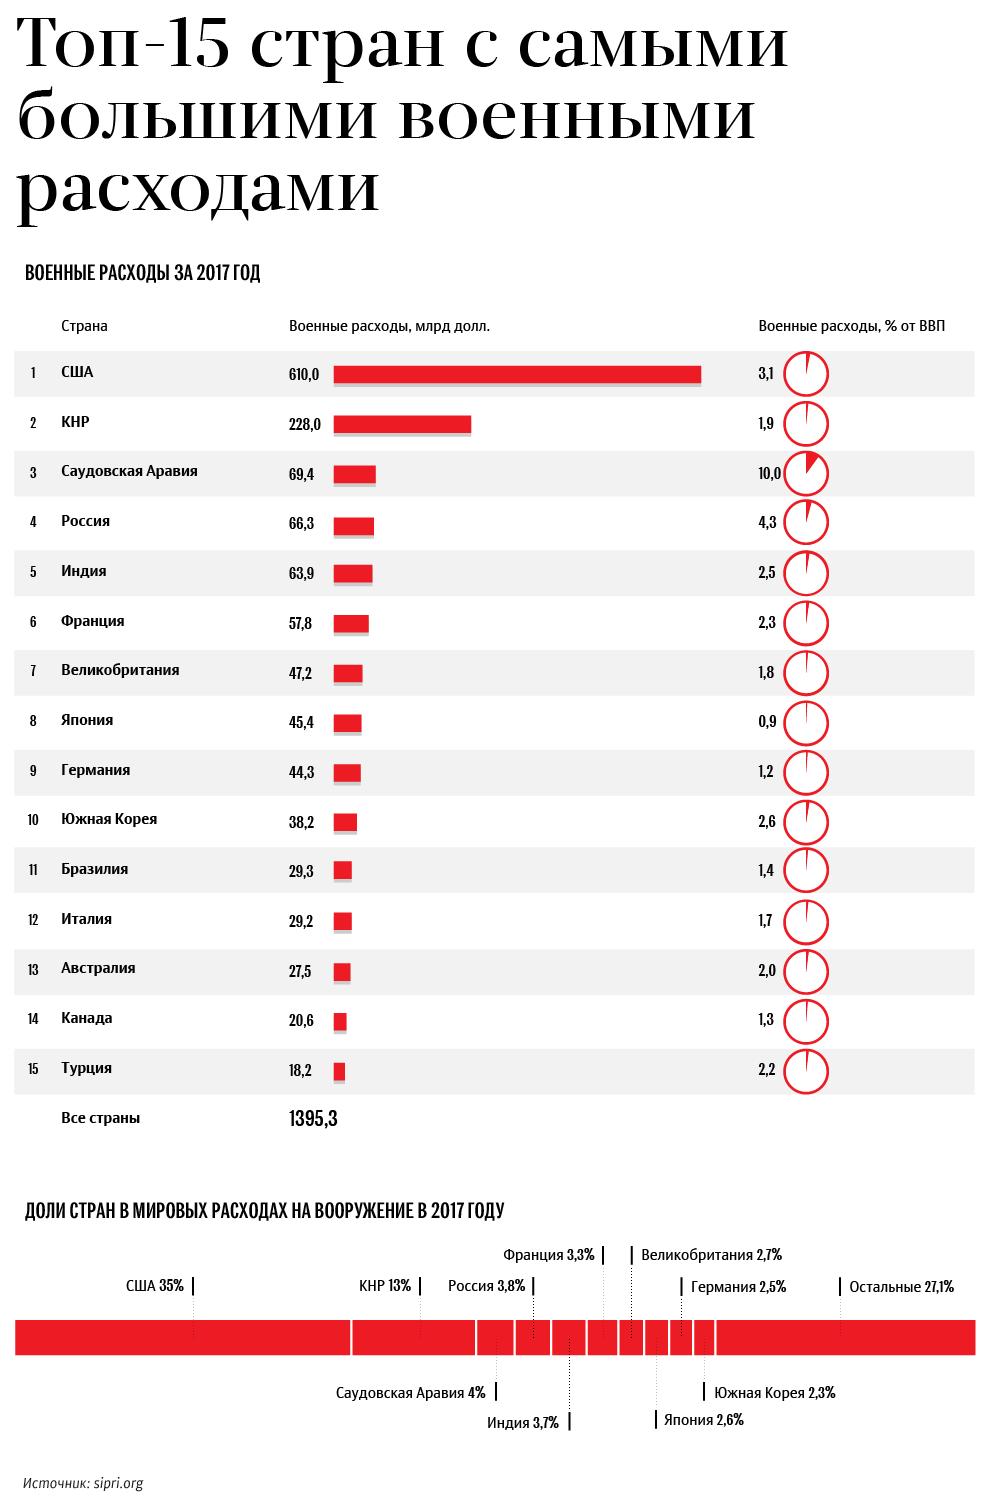 Топ 15 стран с самыми большими военными расходами